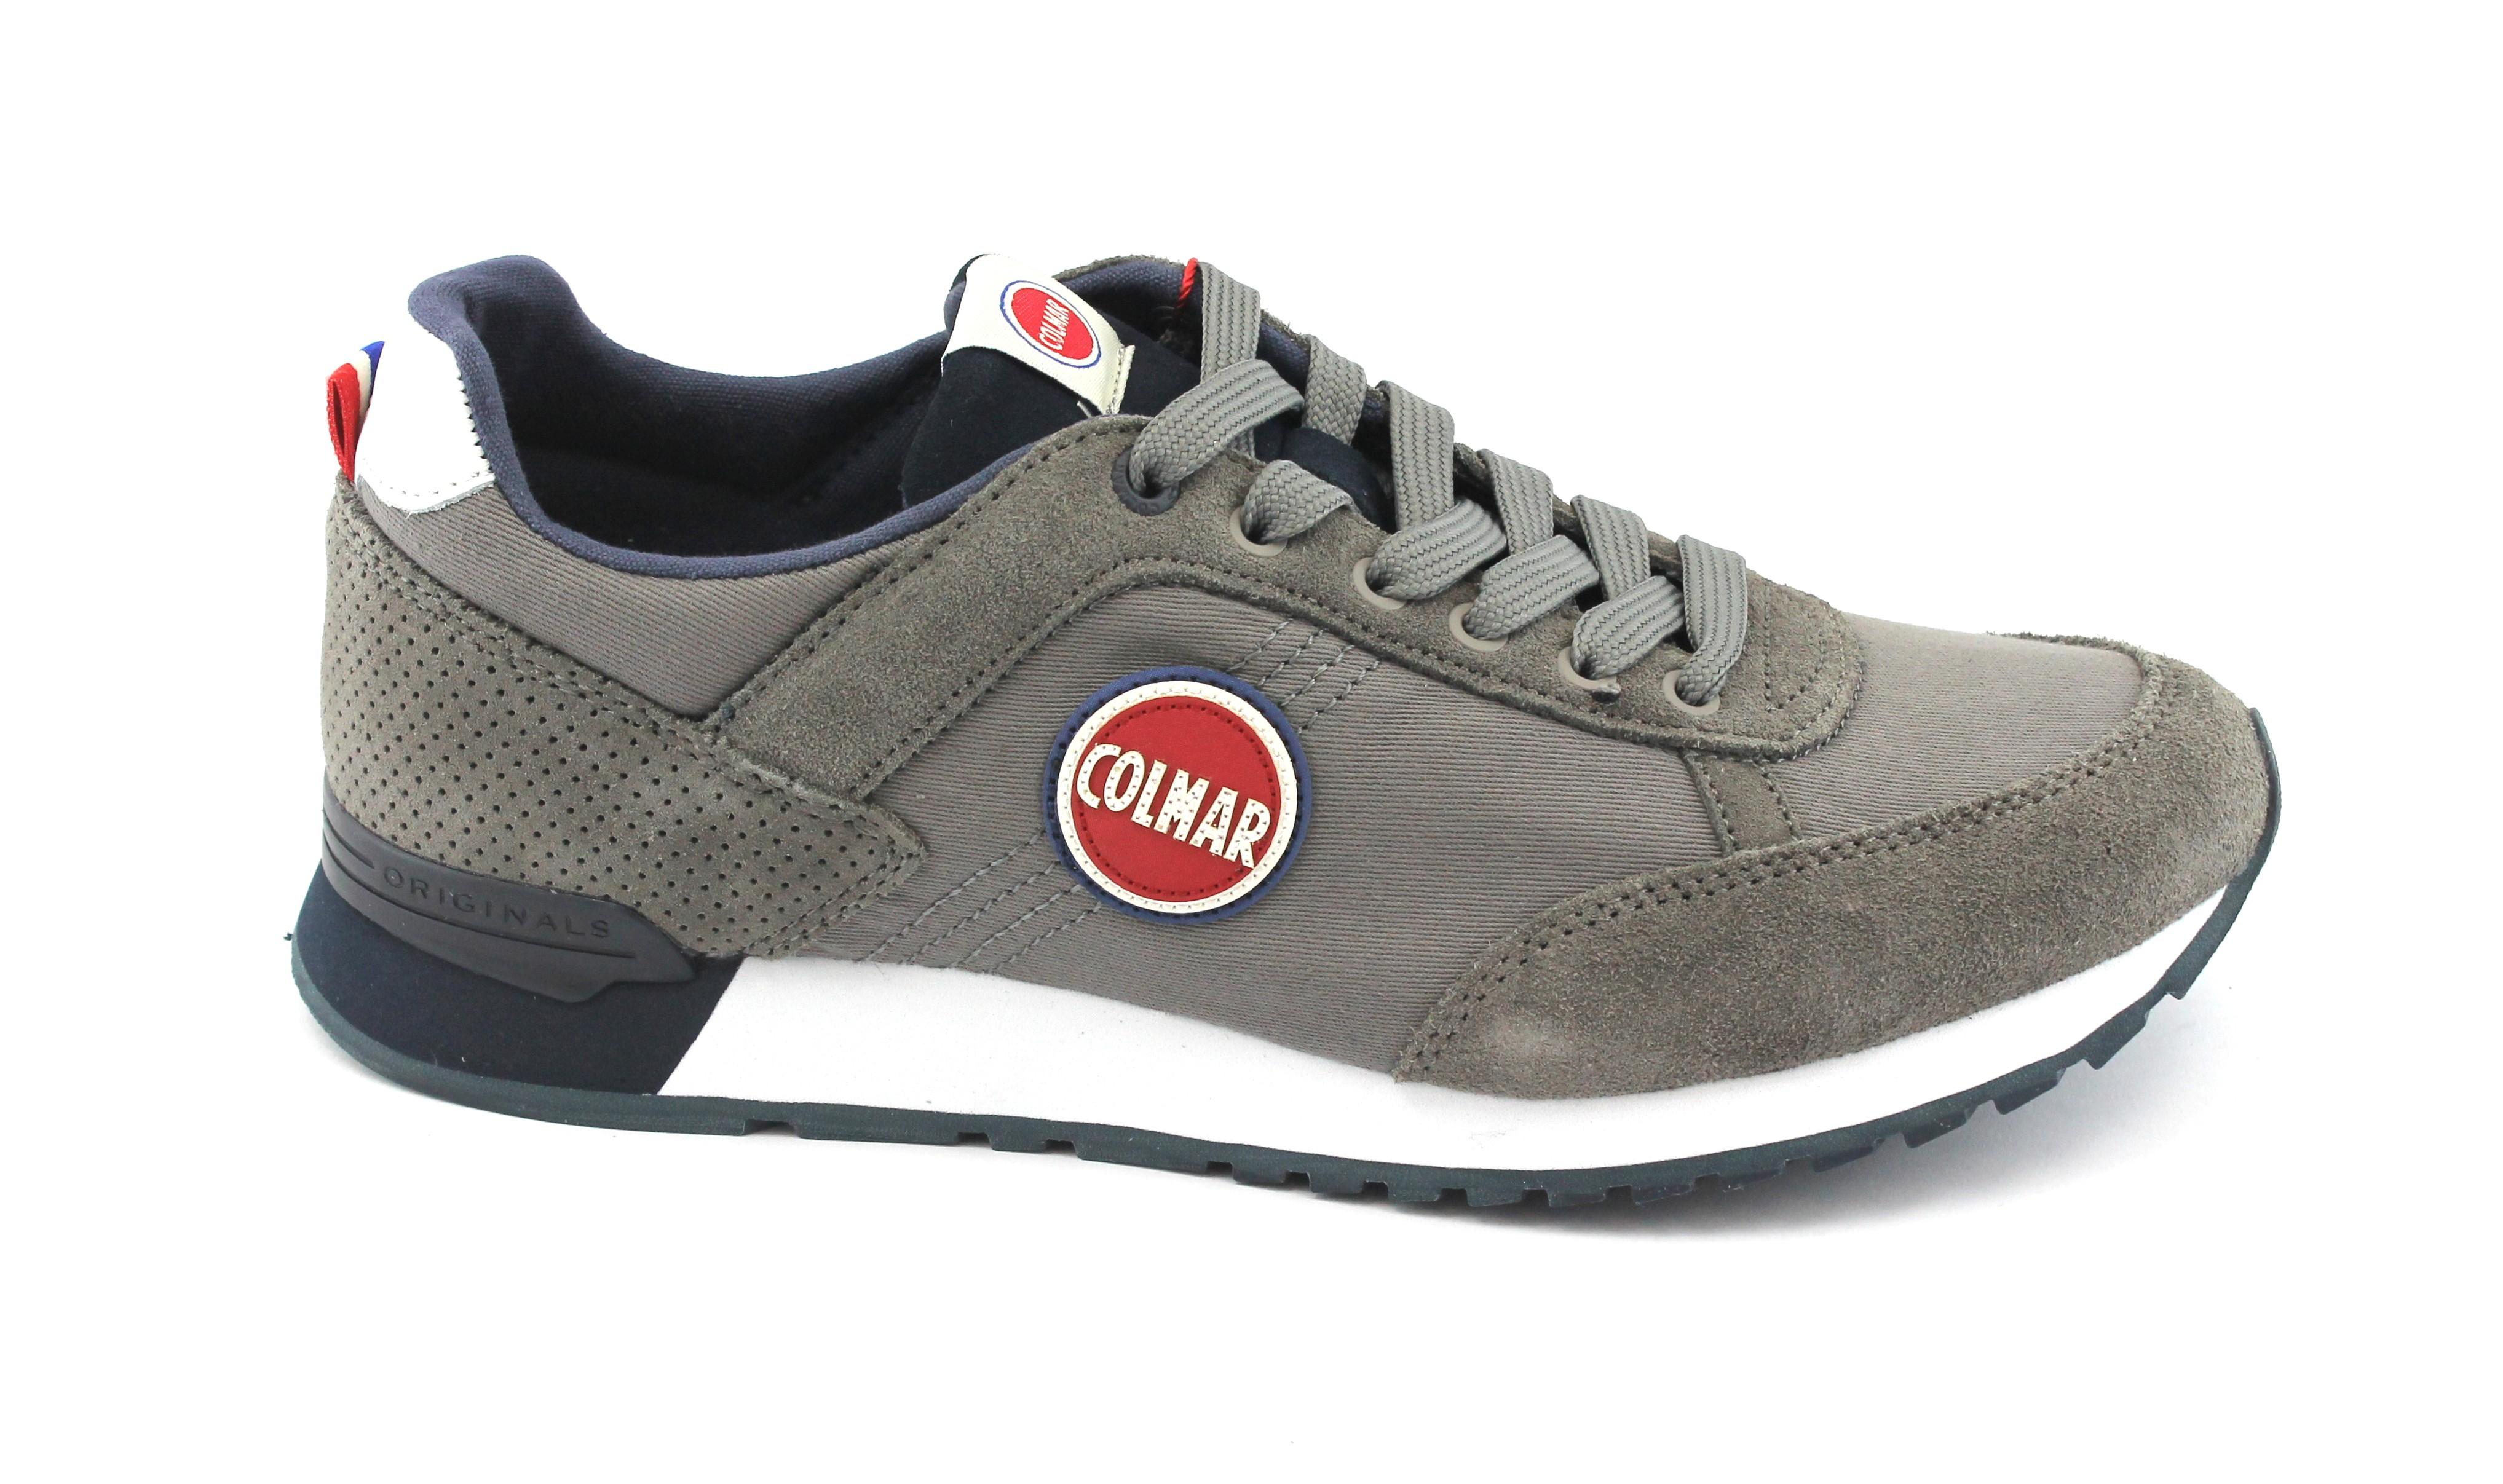 Scarpe casual da uomo  COLMAR TRACOL gray navy grigio blu scarpe uomo sneakers lacci